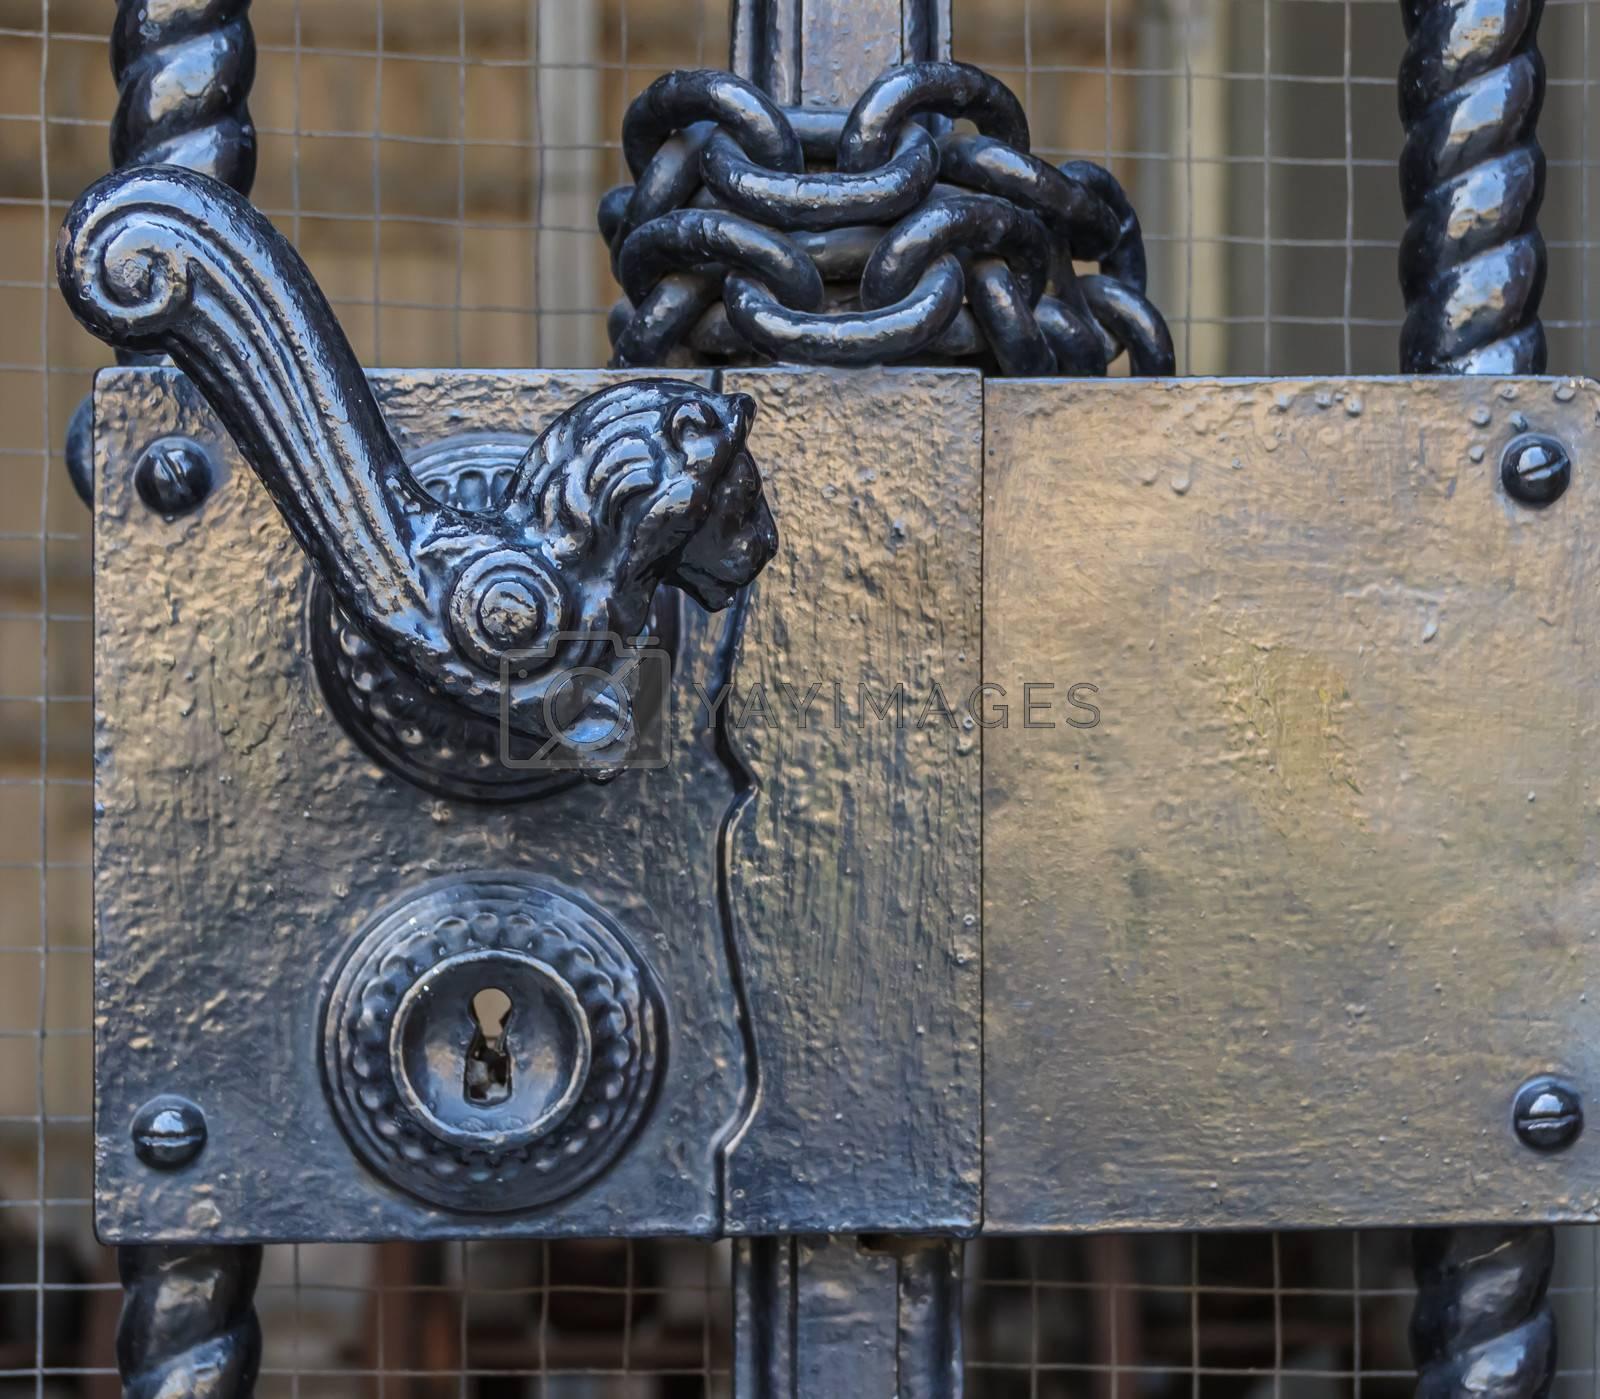 Royalty free image of Ancient Door Lock and Door Handle by punpleng